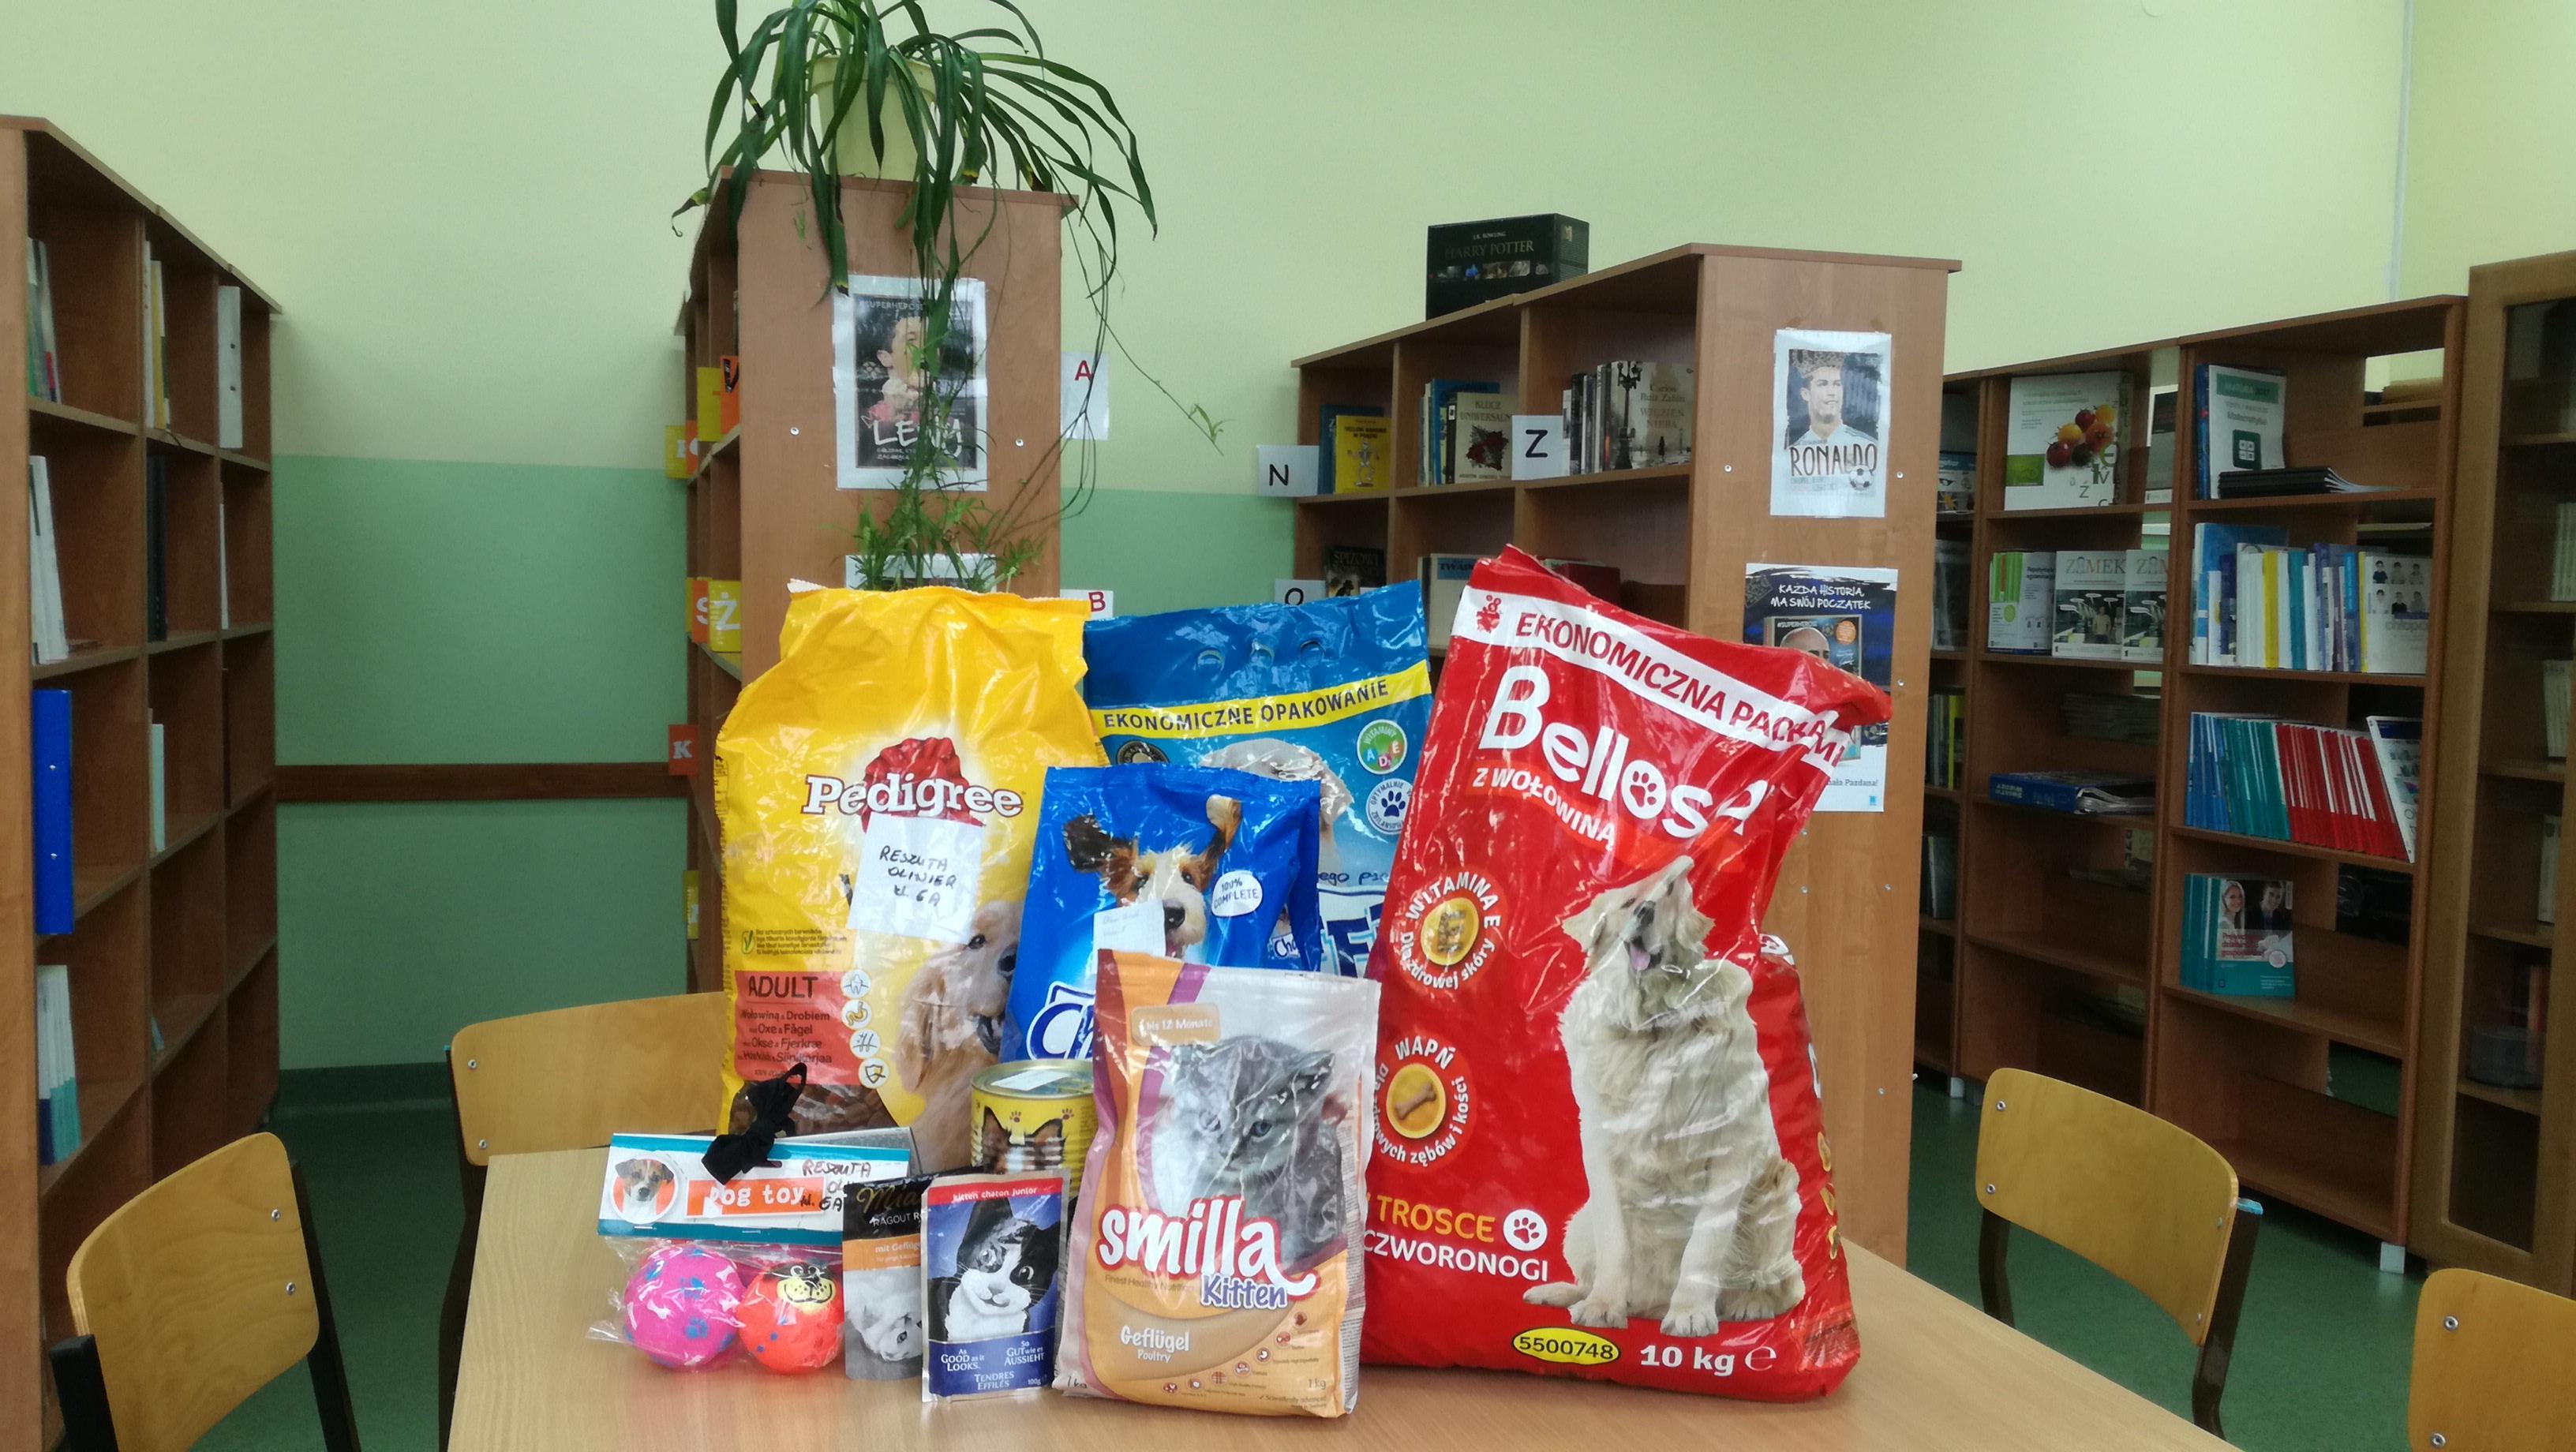 Zbiórka karmy i akcesoriów dla zwierząt trwa!